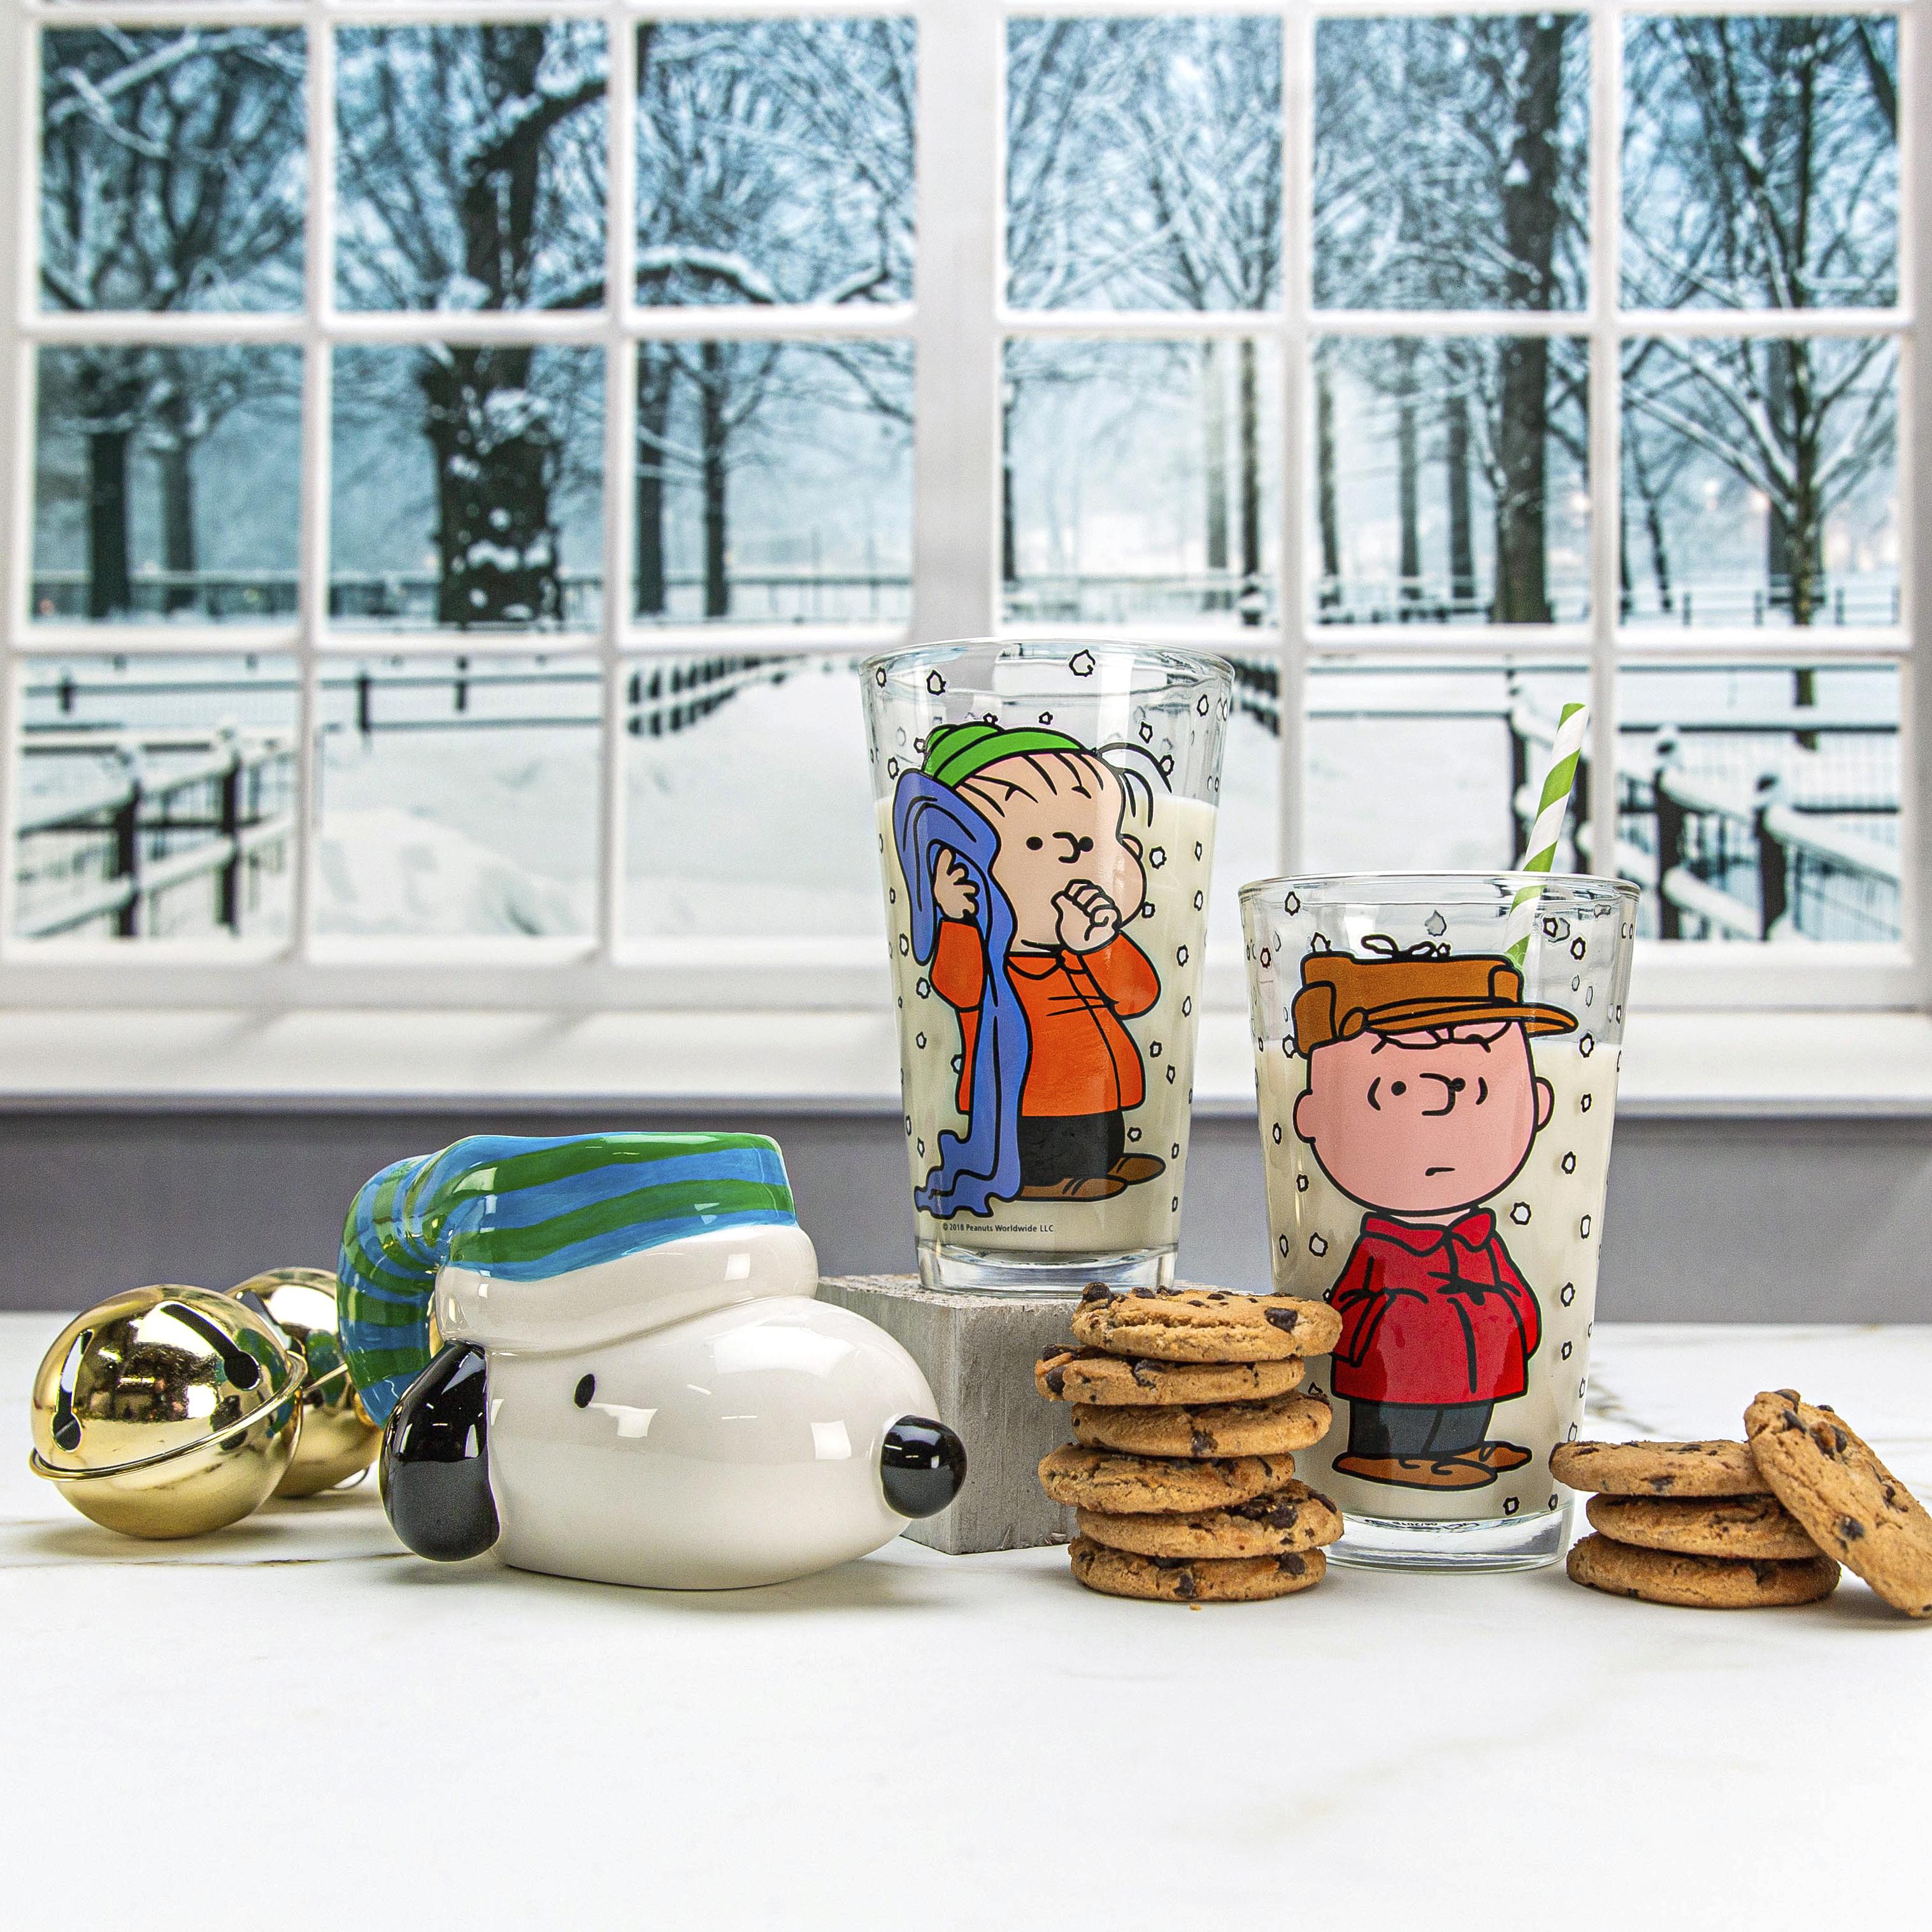 Peanuts 10 ounce Coffee Mug, Snoopy slideshow image 4